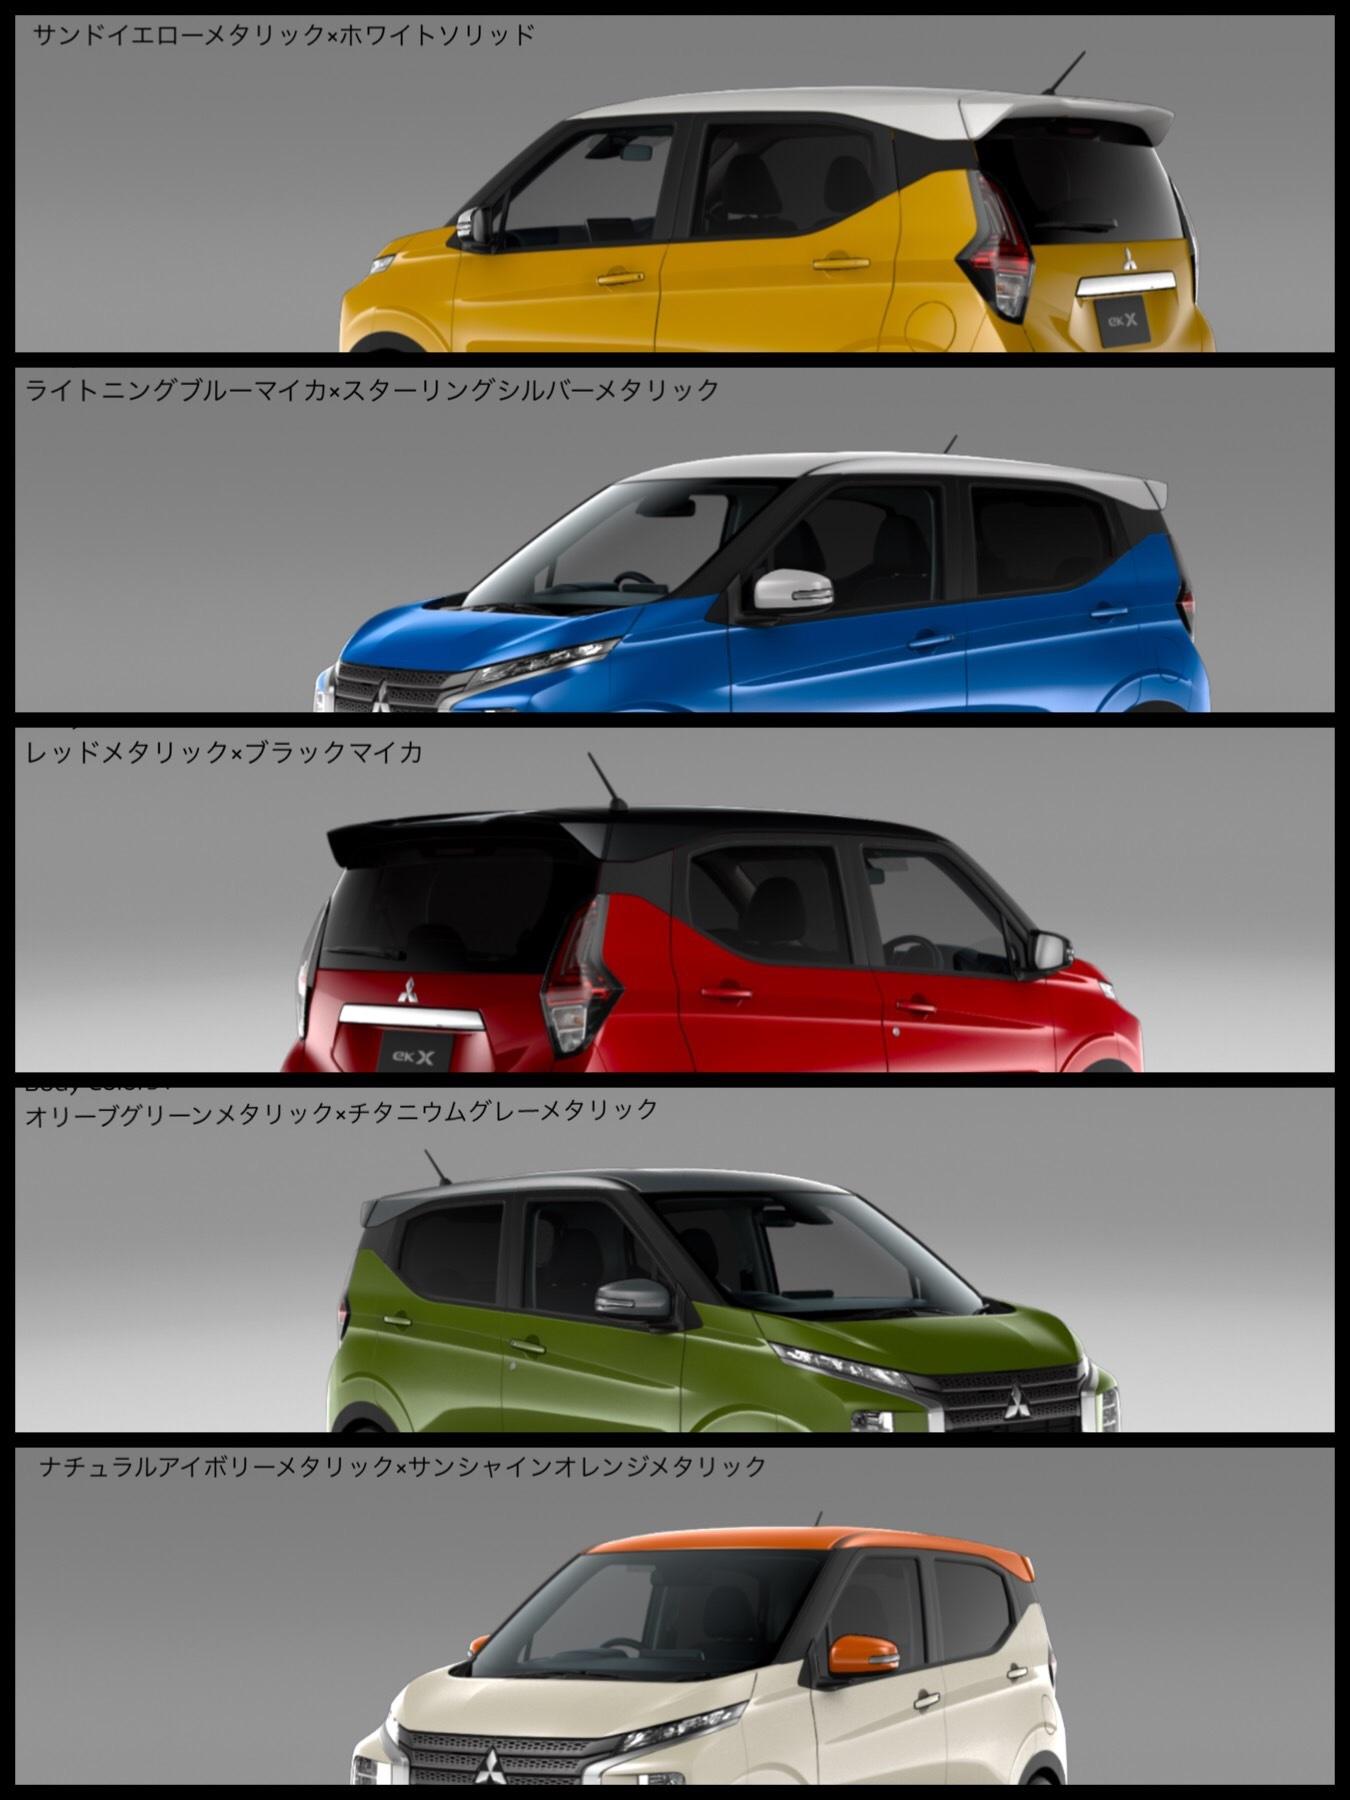 三菱 eK X ekクロス 軽SUV ツートン ボディカラー